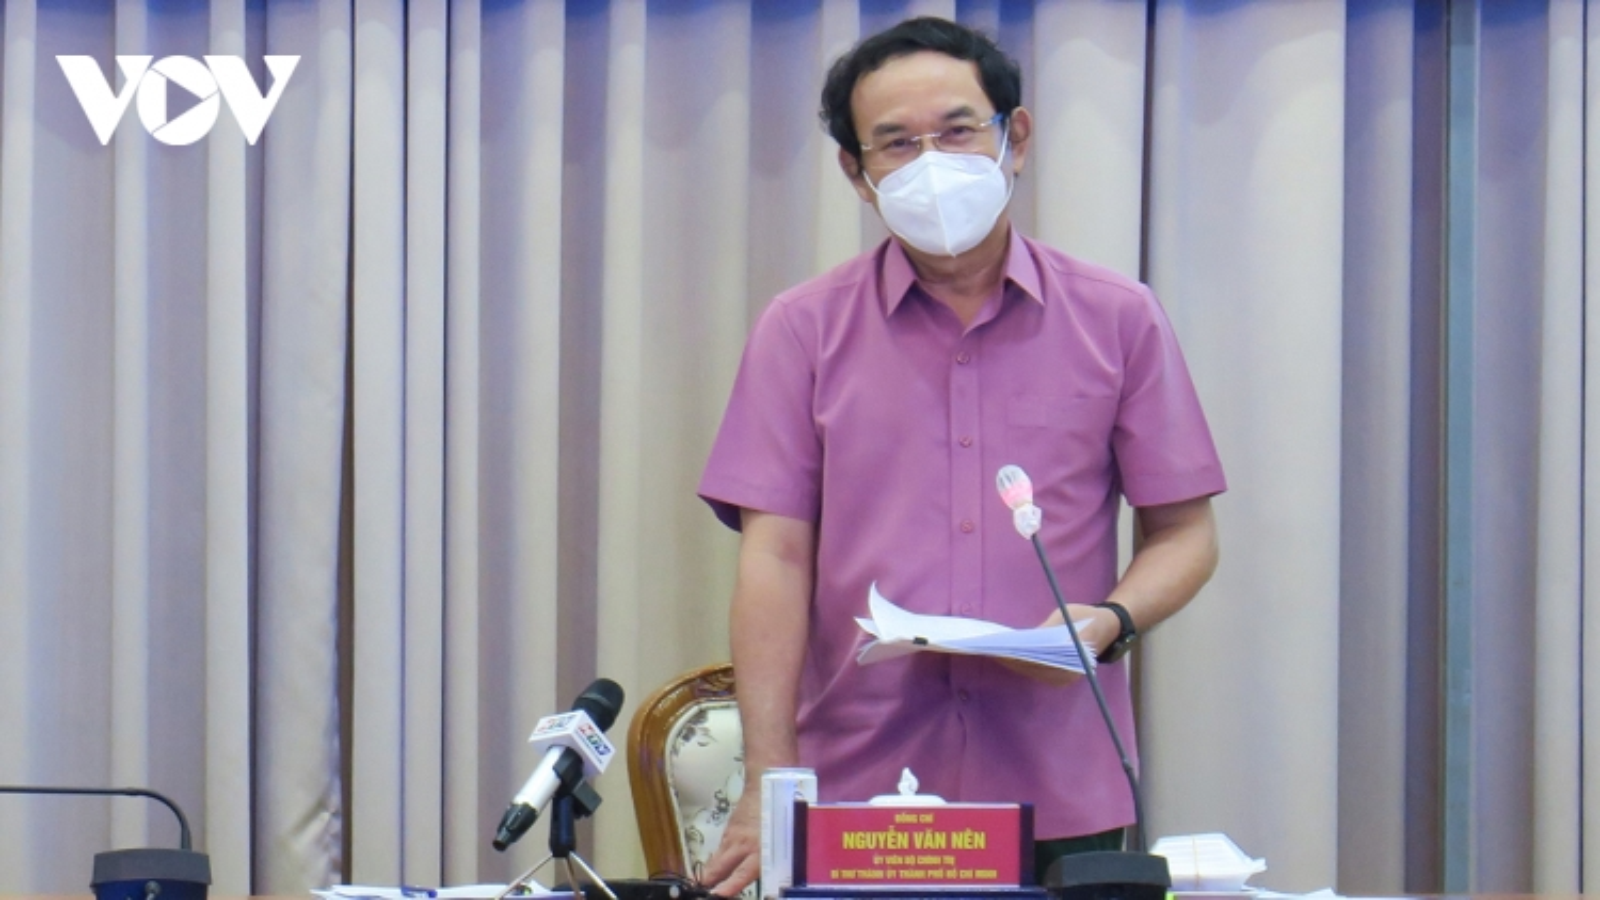 Bí thư Thành uỷ TP.HCM lắng nghe góp ý của chuyên gia về phục hồi kinh tế